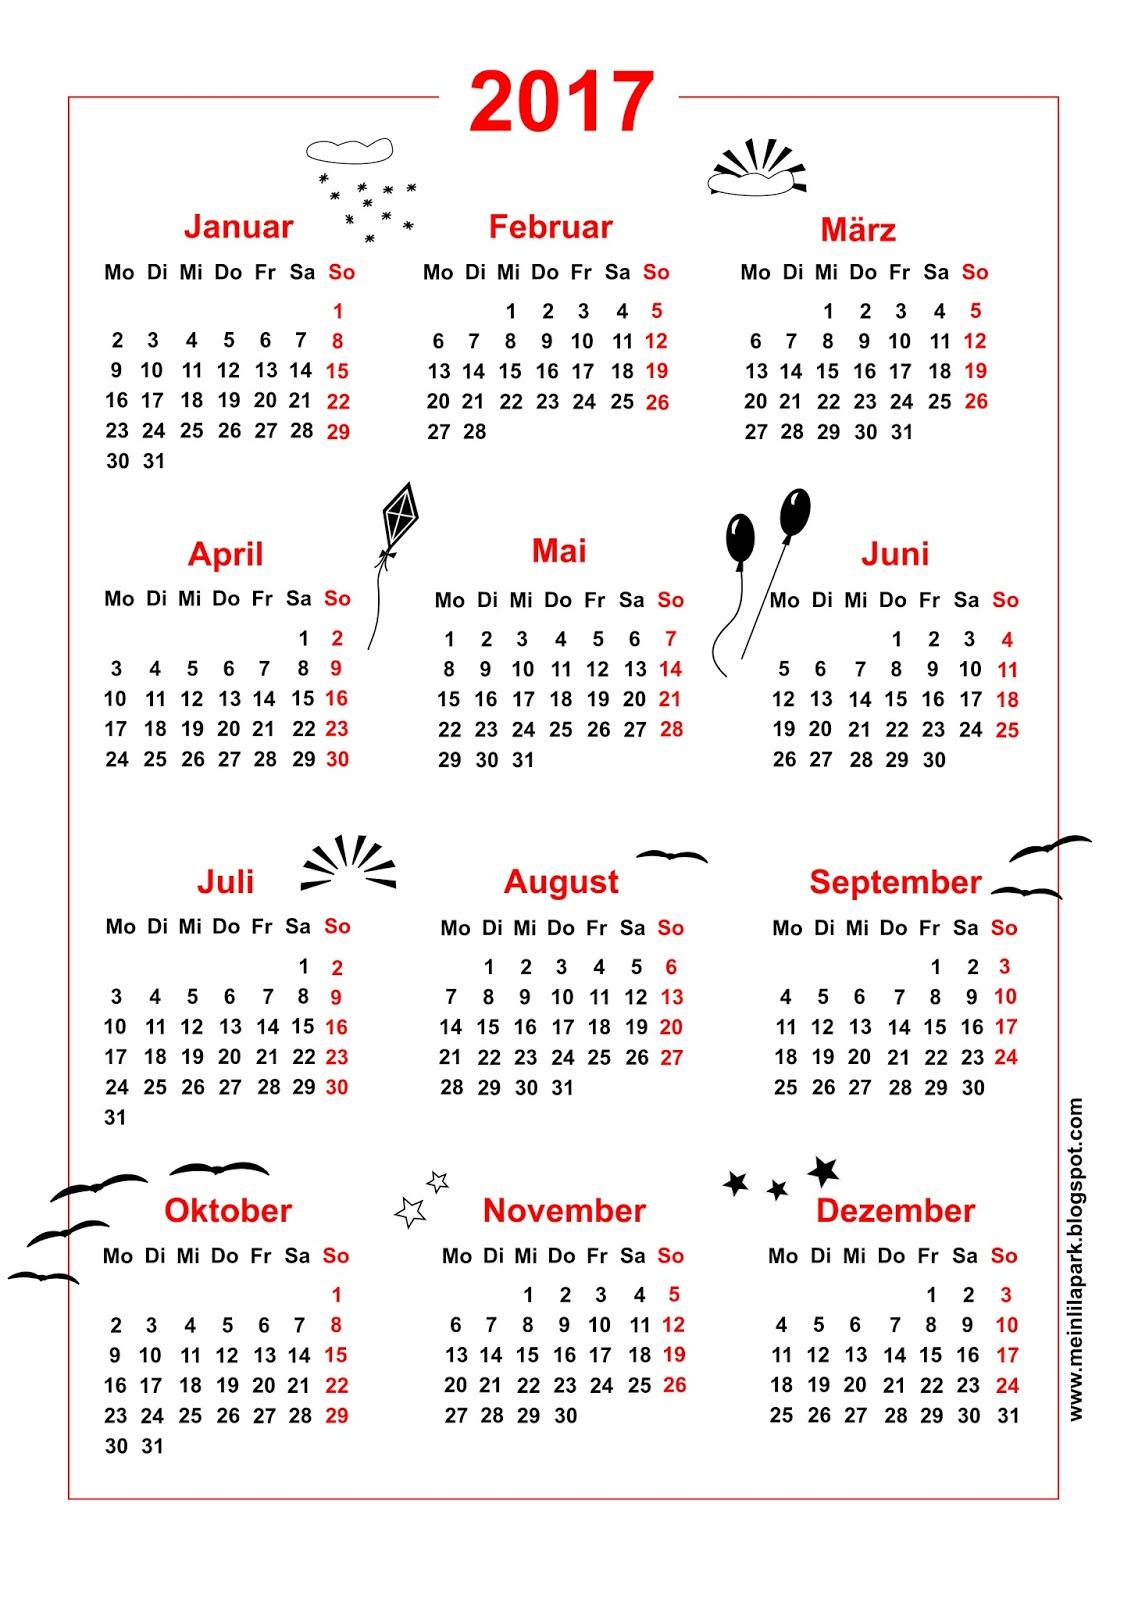 Ein Kalender auf Deutsch von